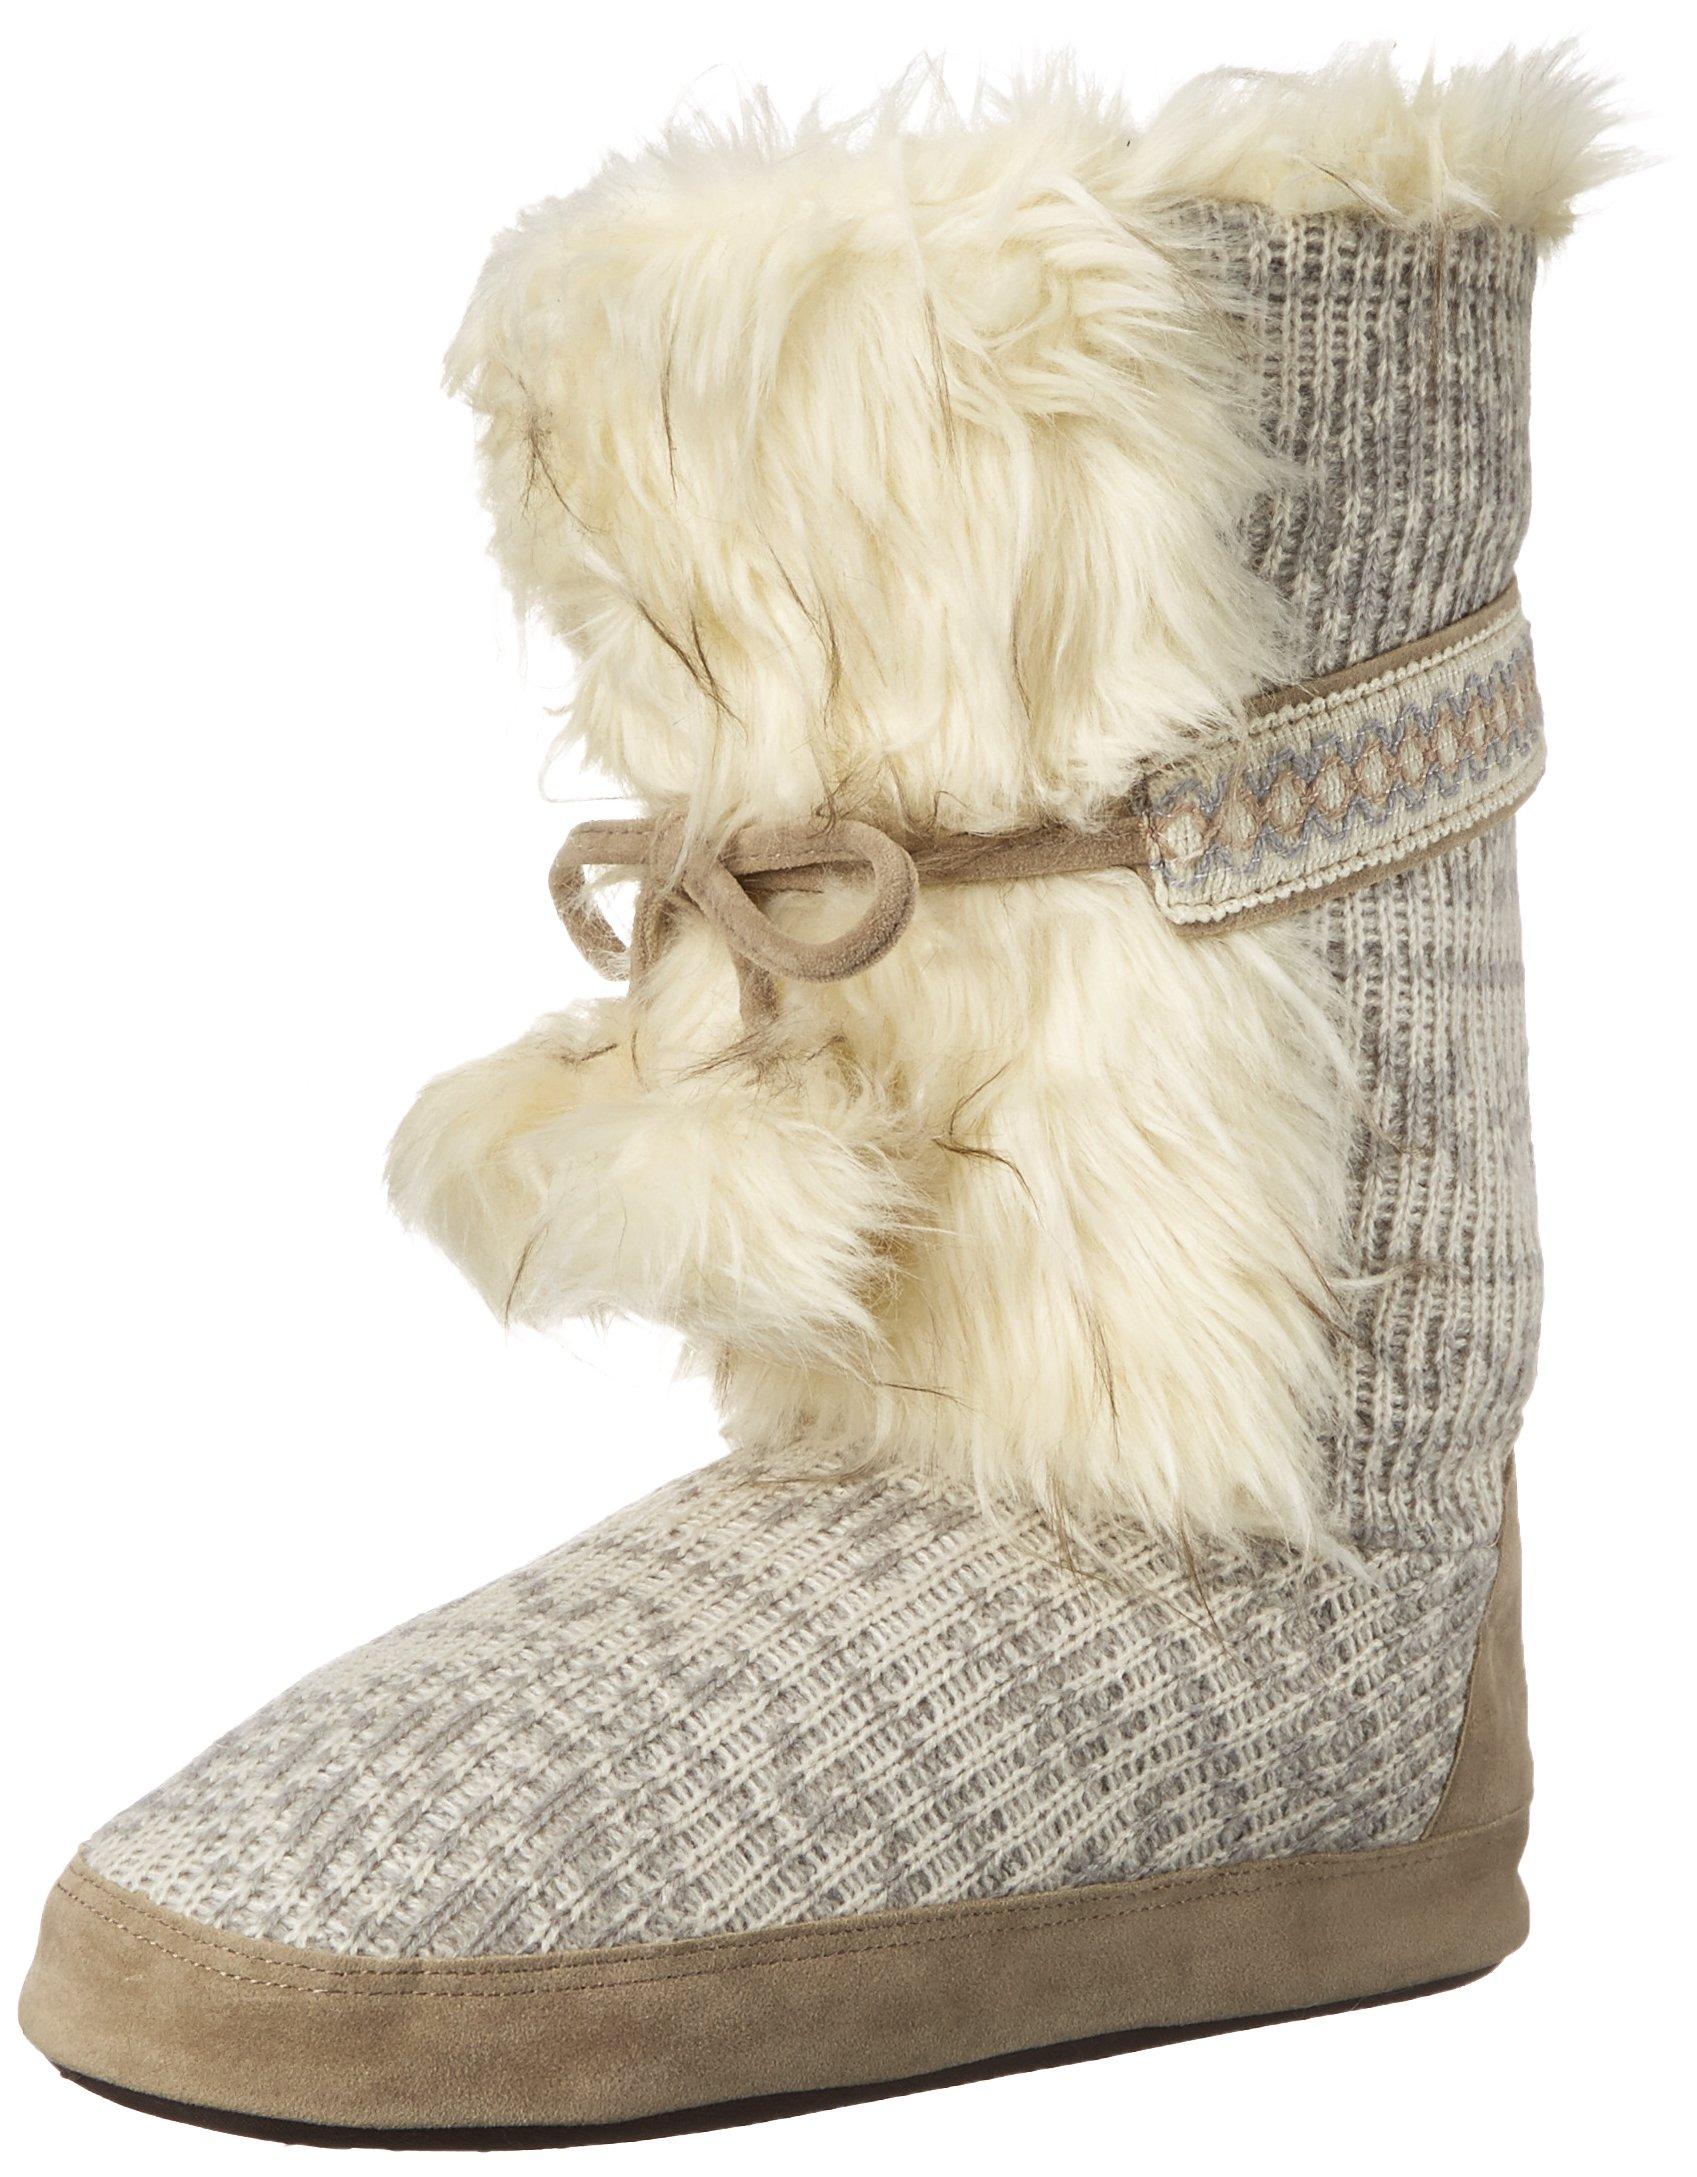 Muk Luks Women's Jewel Winter White Slouch Boot